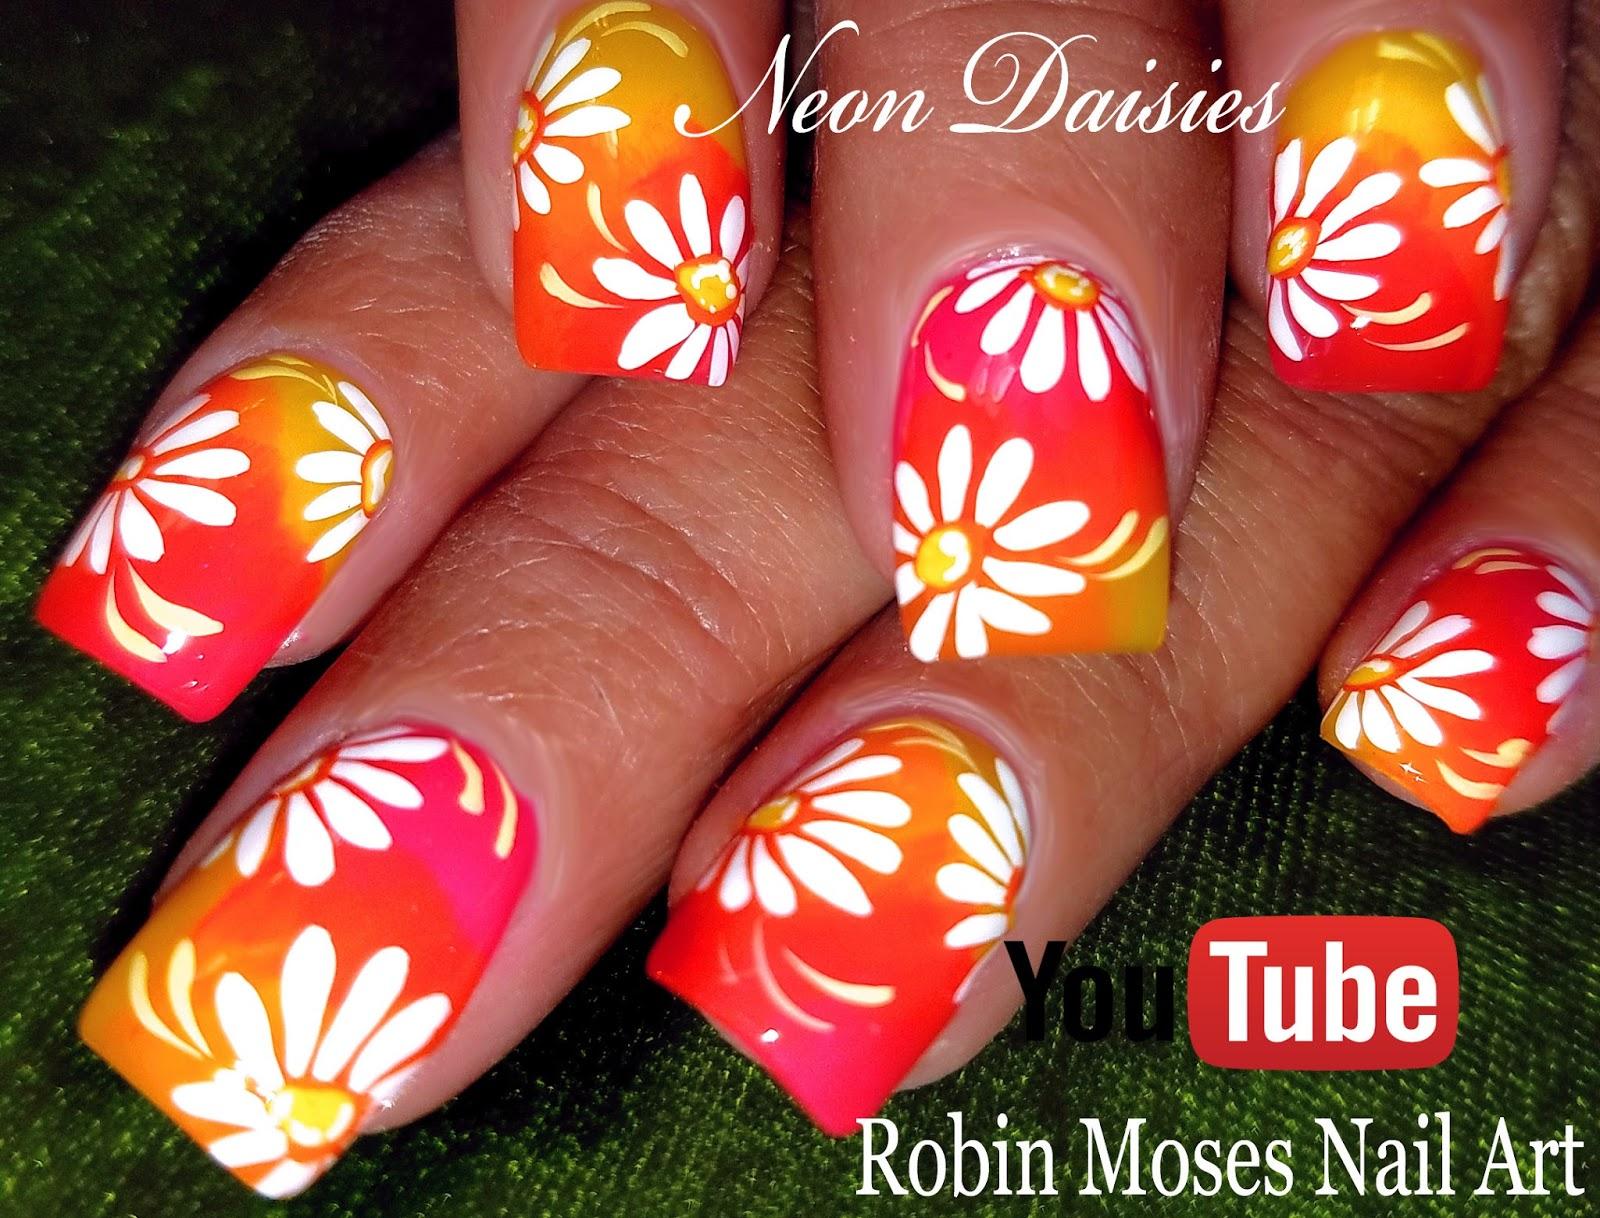 Nail Art By Robin Moses Neon Daisy Nails 2 Spring 2018 Nail Art